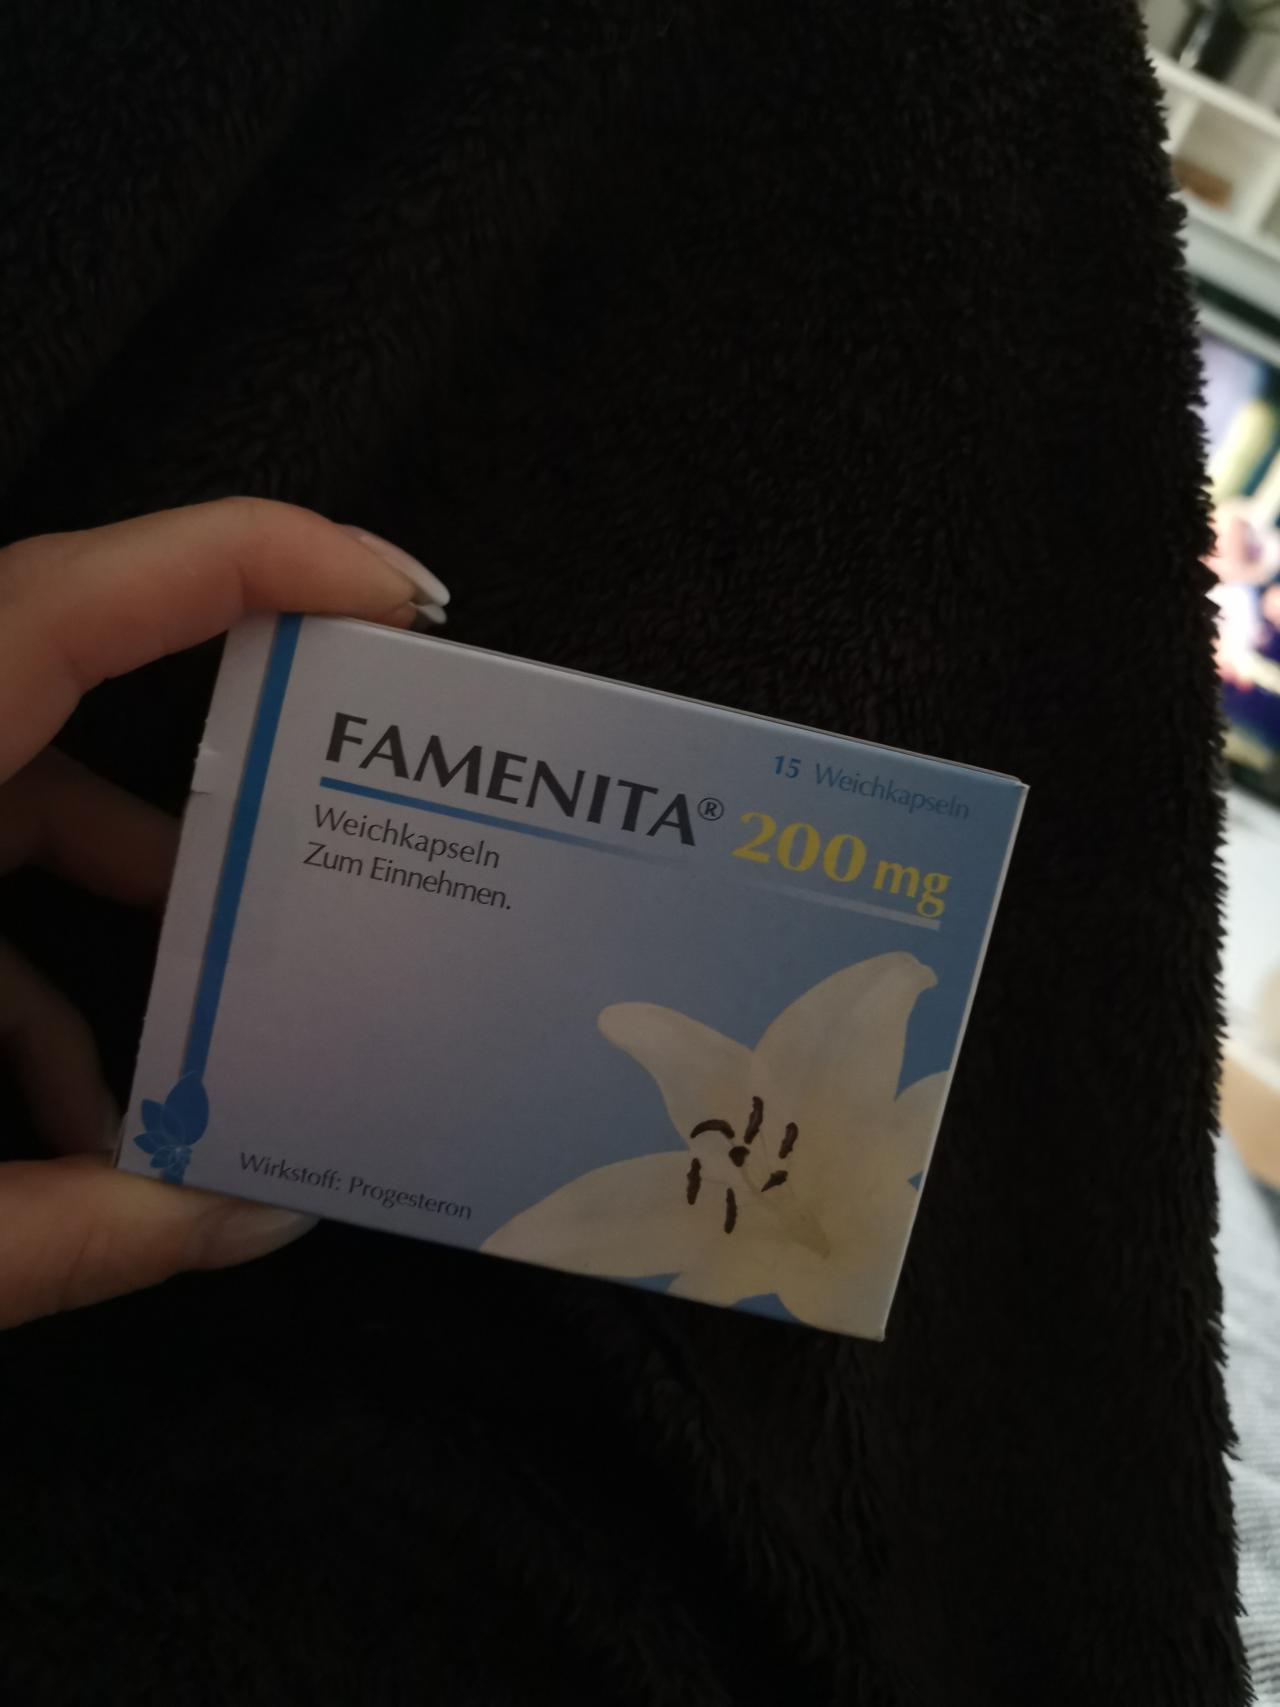 Famenita Weichkapseln Einführen